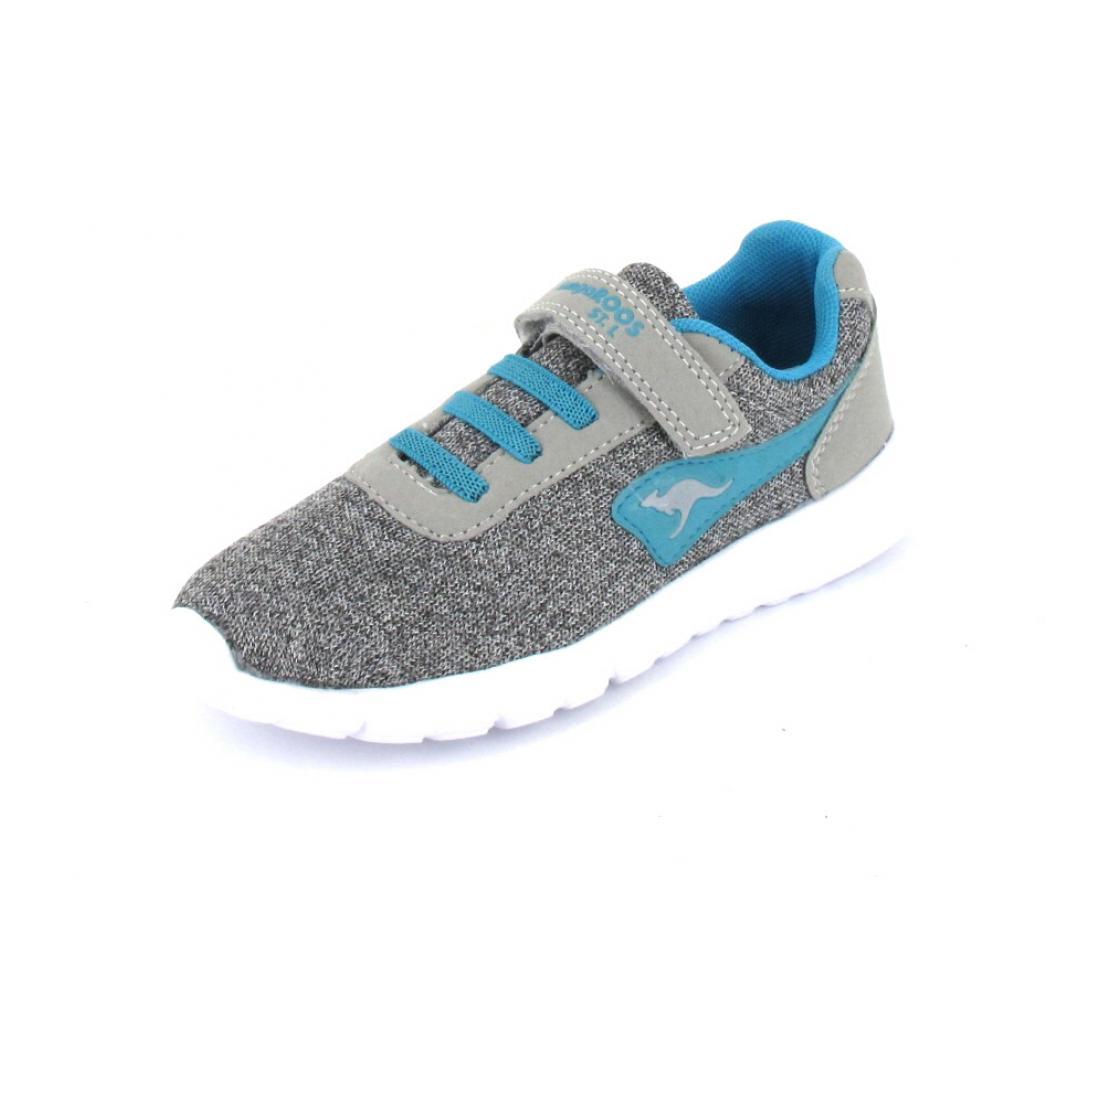 KangaRoos Sneaker K-GARD